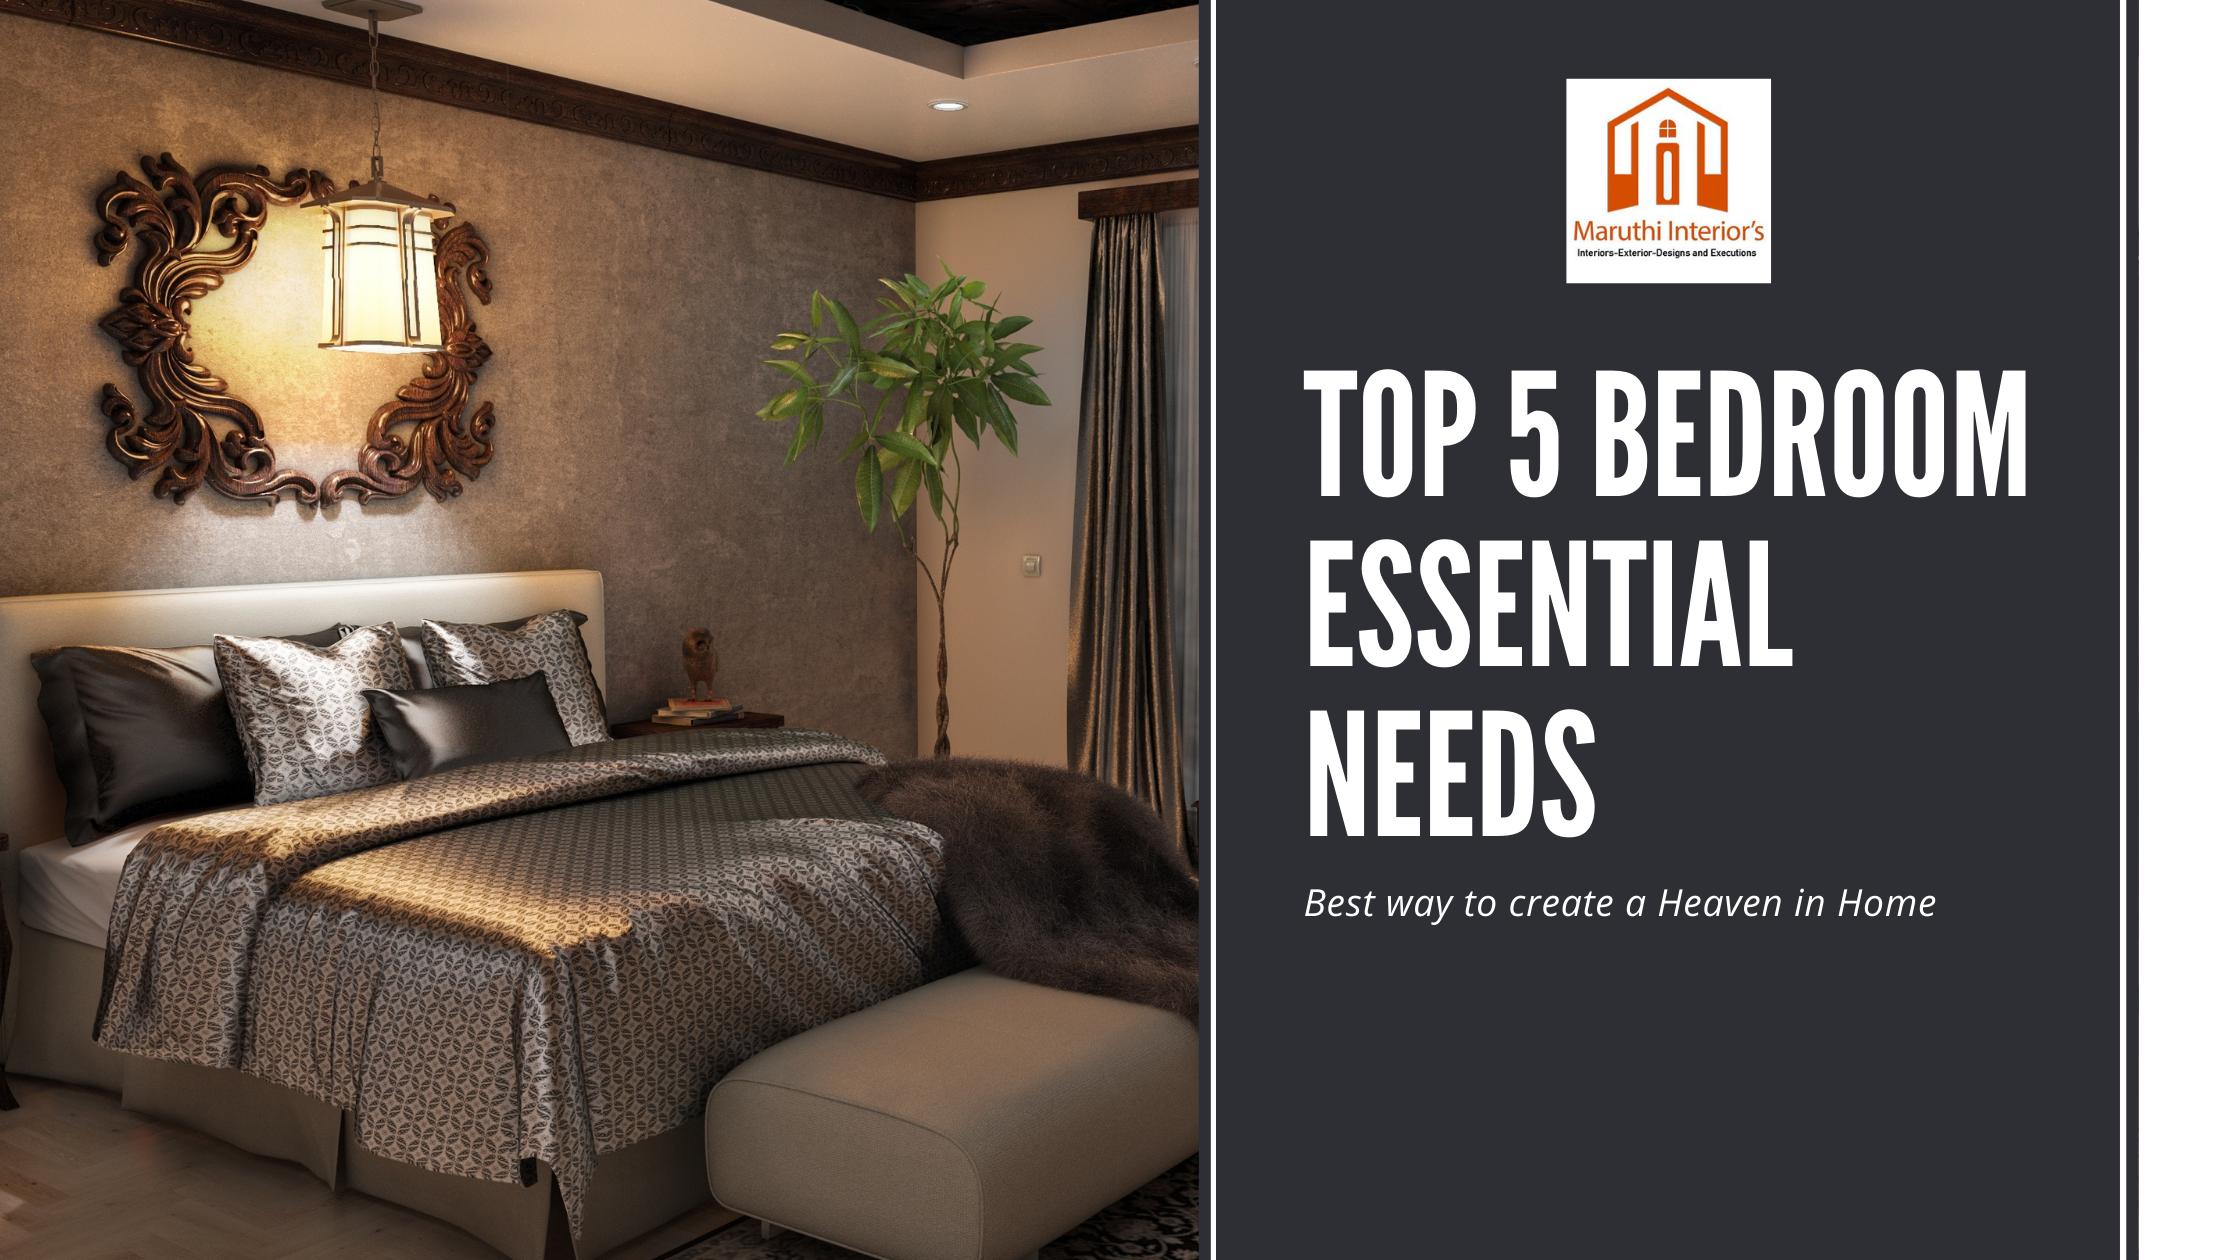 Bedroom Essentials Maruthi Interiors